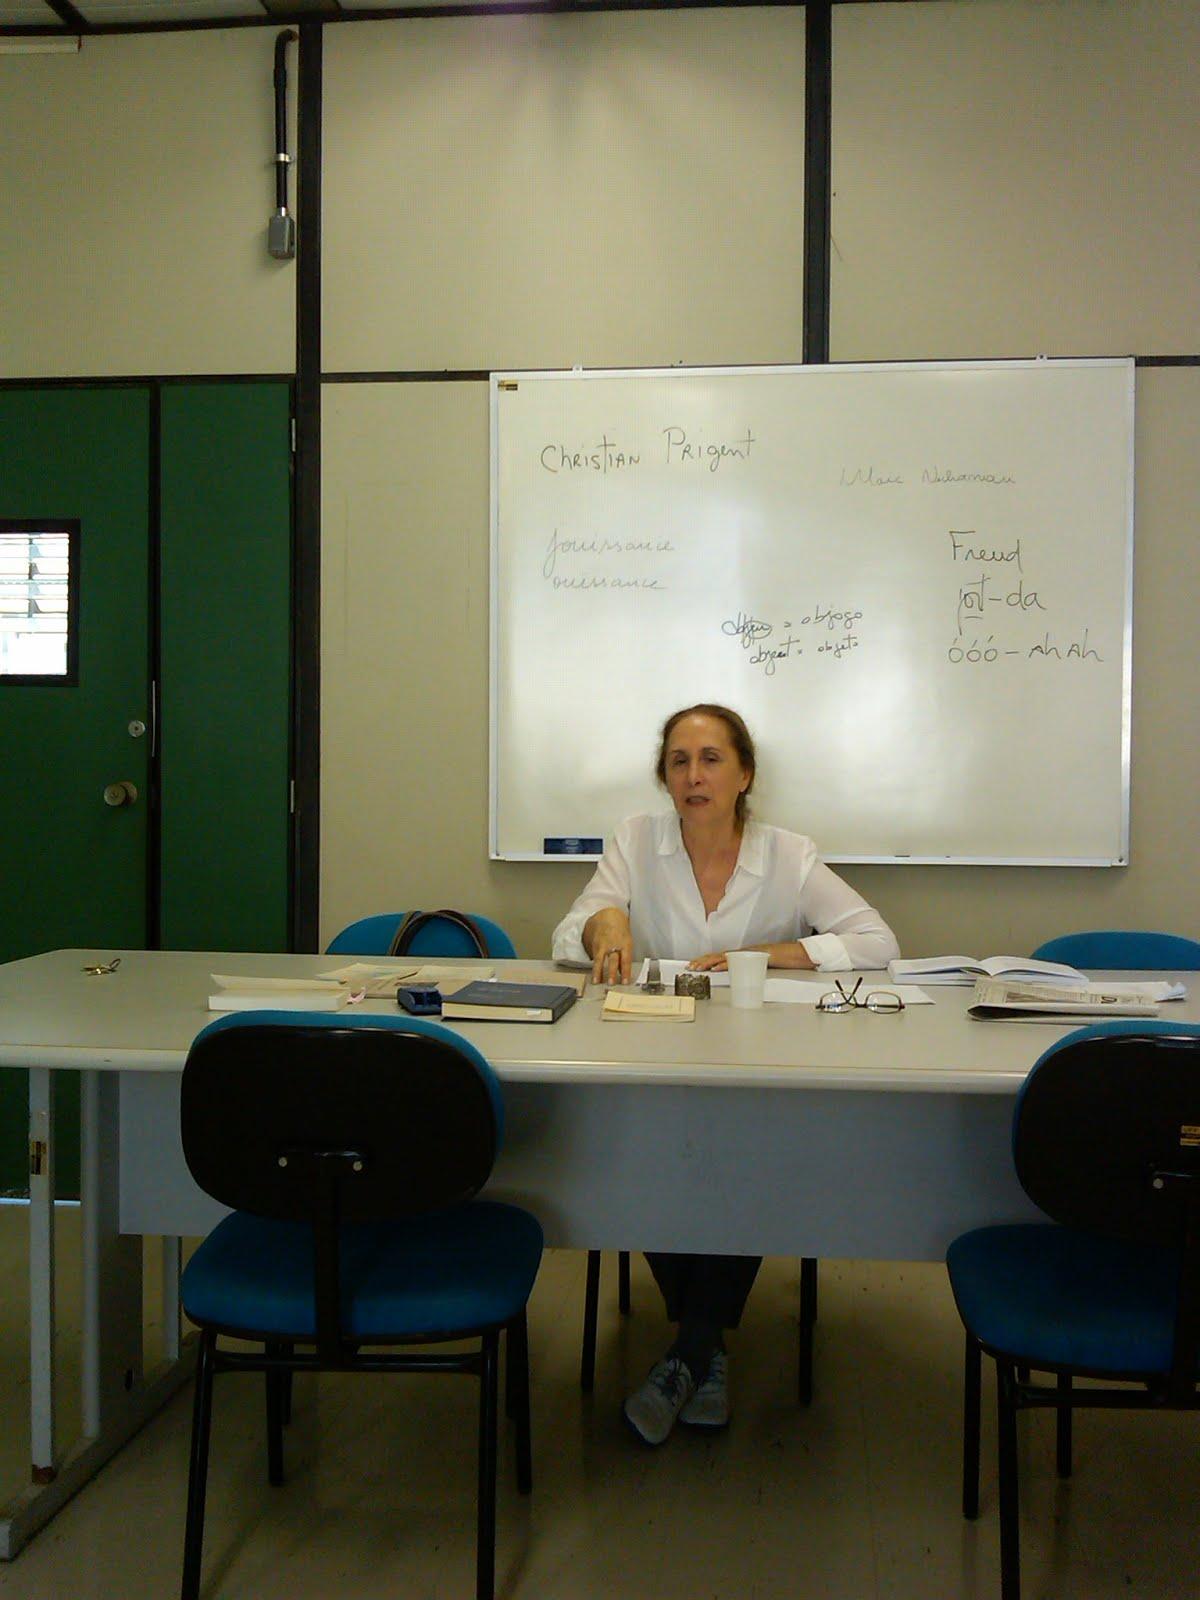 Arquivo pessoal - UFSC, FLORIANÓPOLIS, 2013